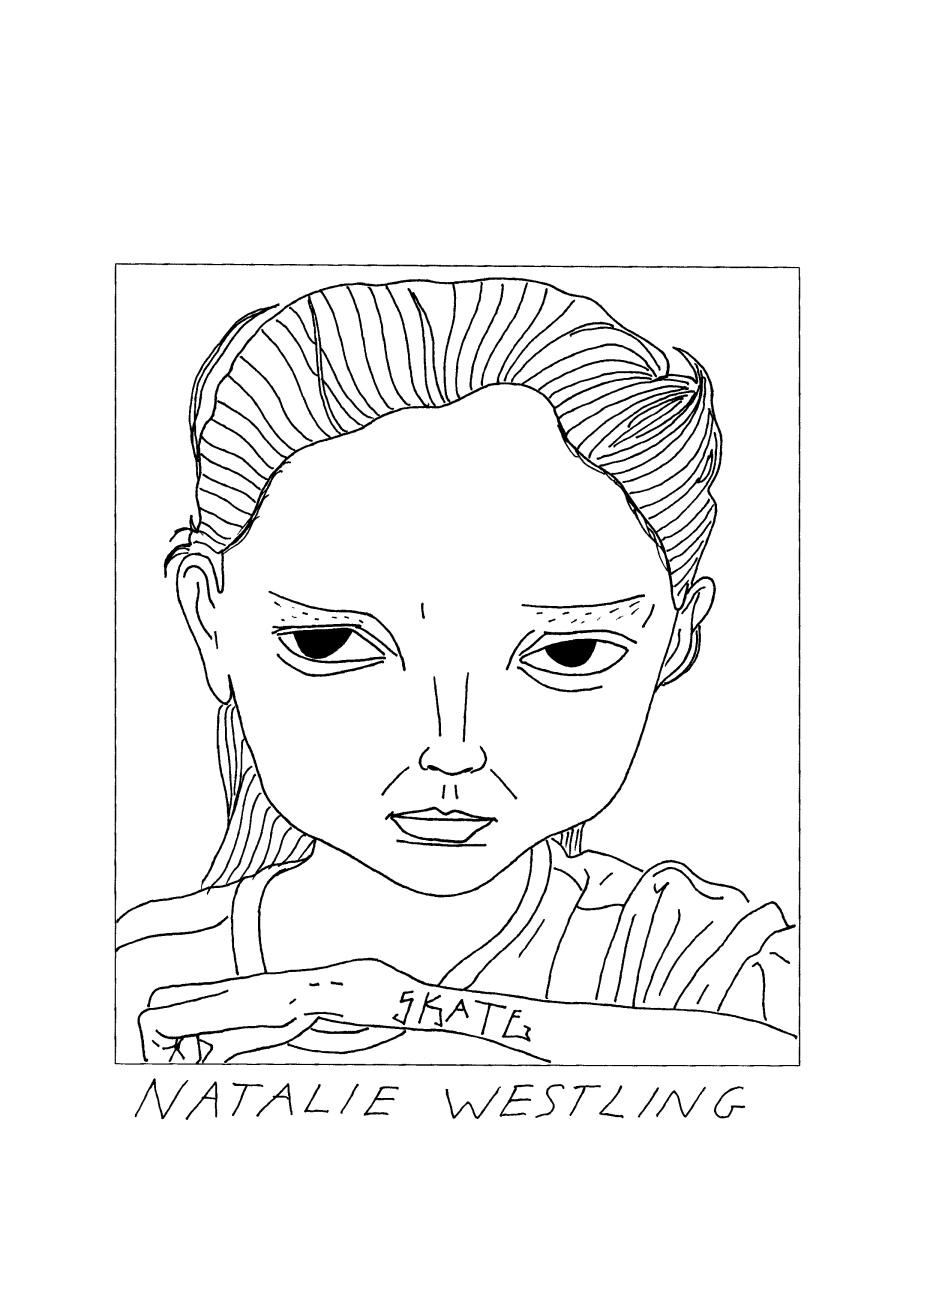 natalie westling copy